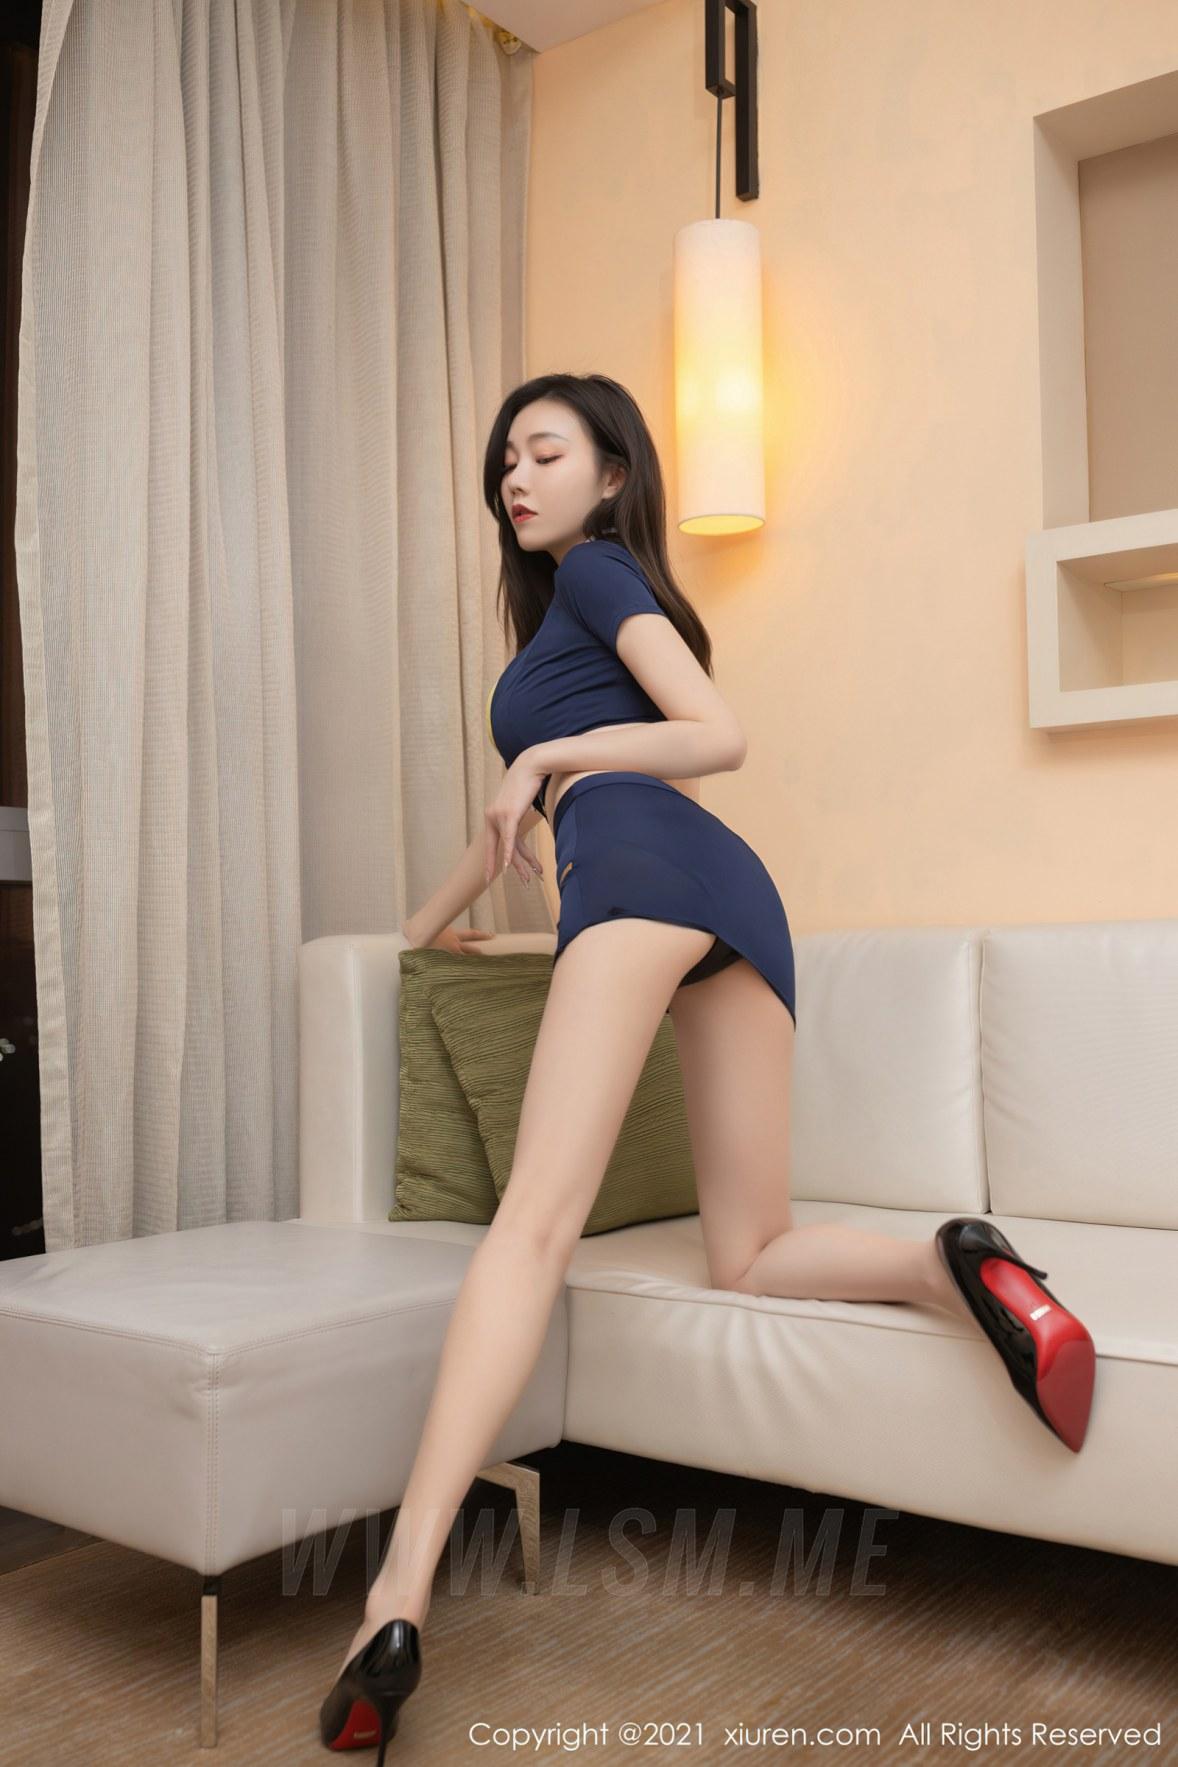 XiuRen 秀人 No.3460  情趣女警制服系列 安然Maleah 成都旅拍写真 - 4